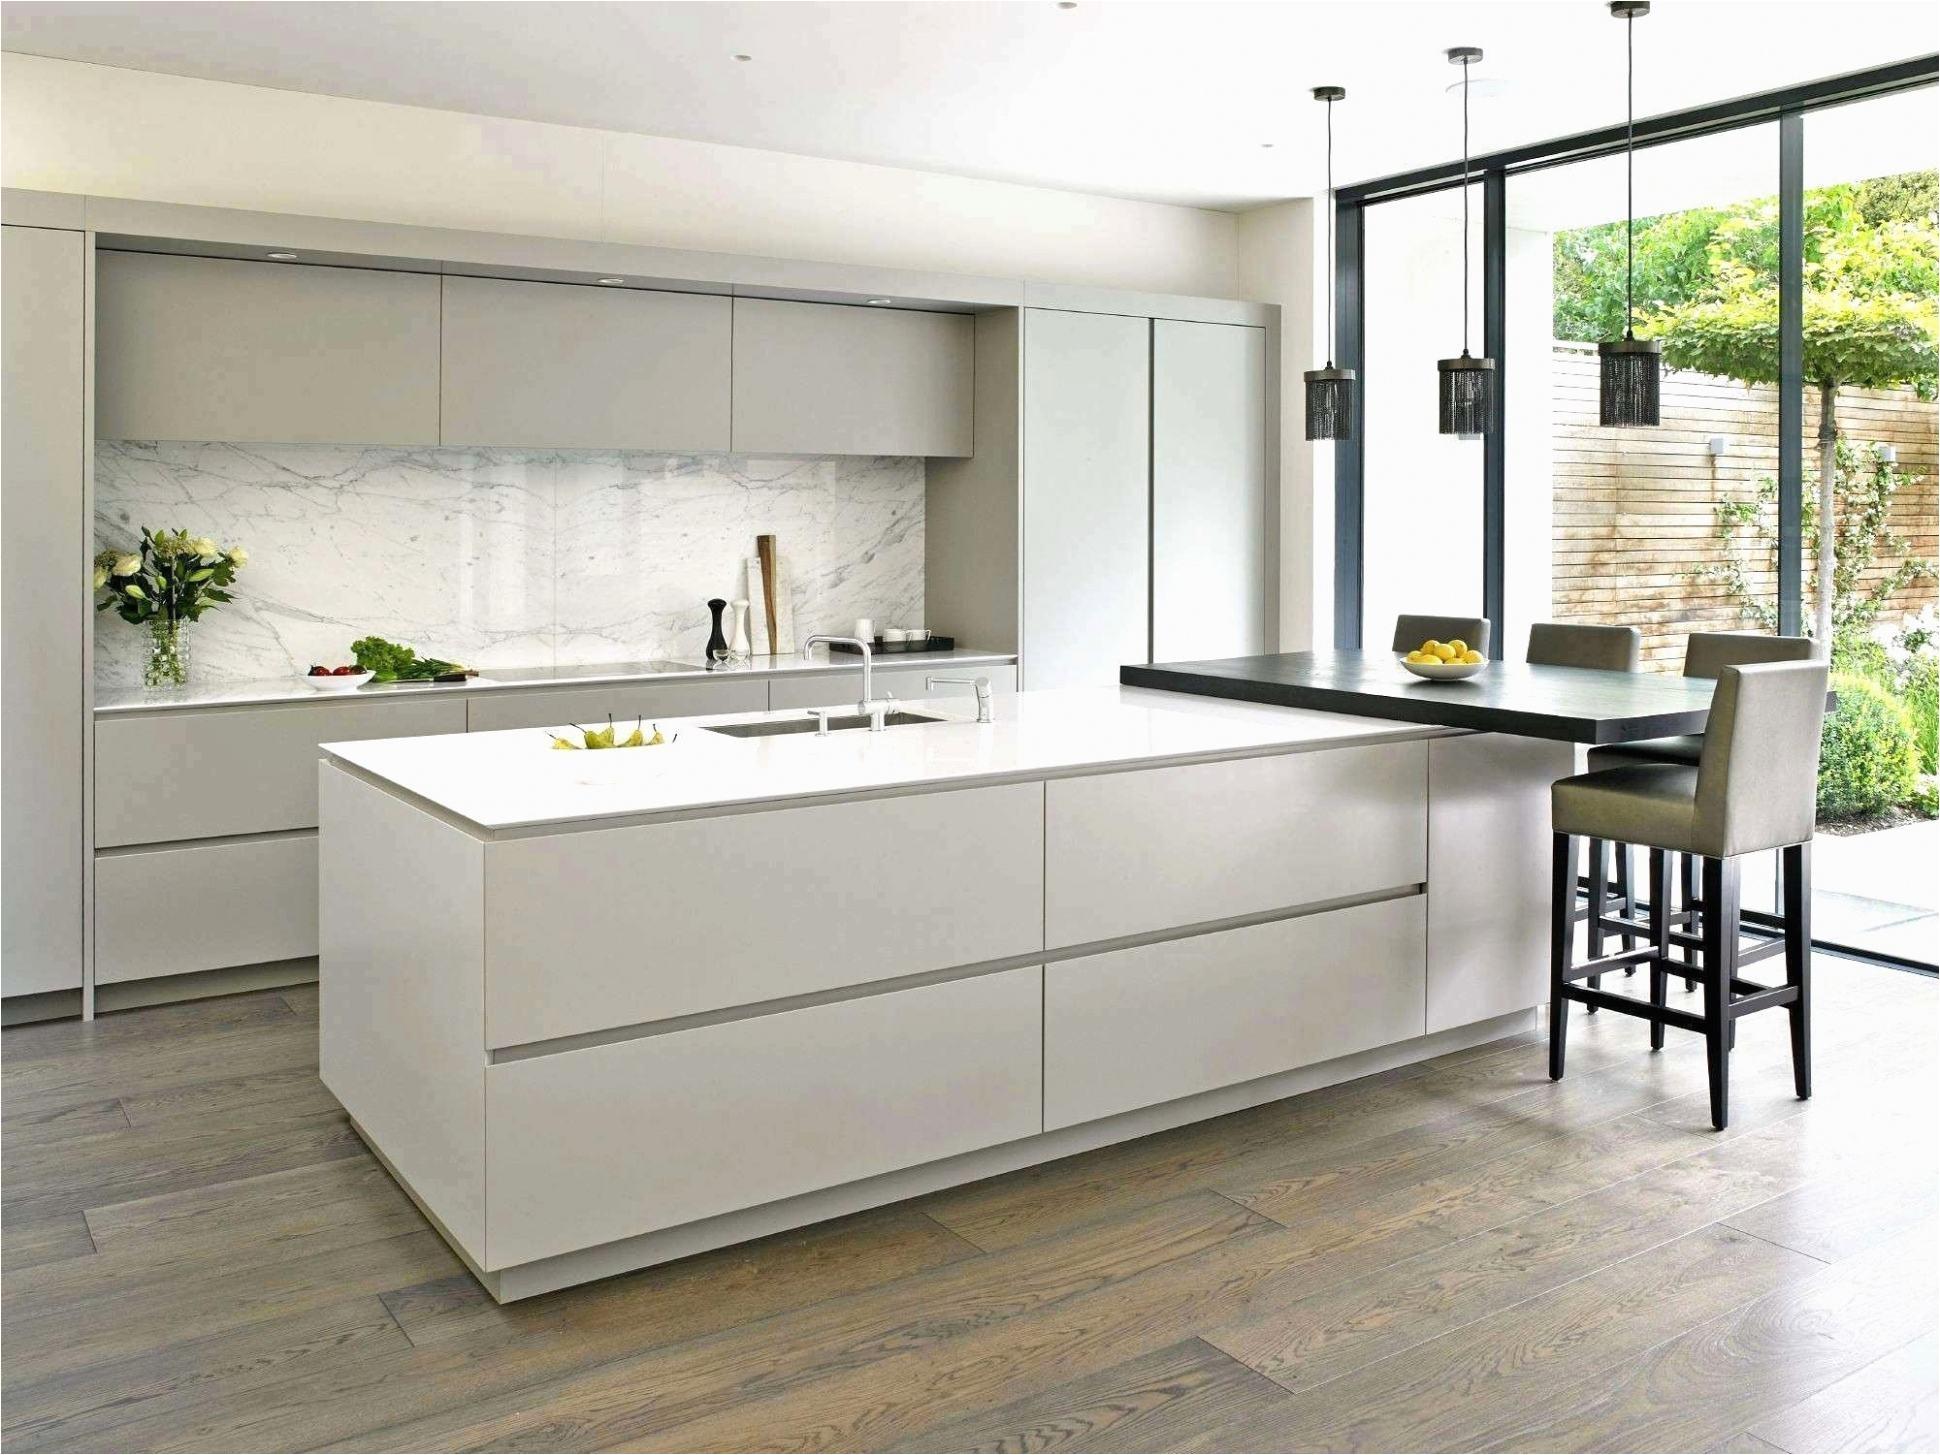 Kitchen Backsplash with Dark Cabinets 55 Clean Kitchen Backsplash Dark Cabinets Picture